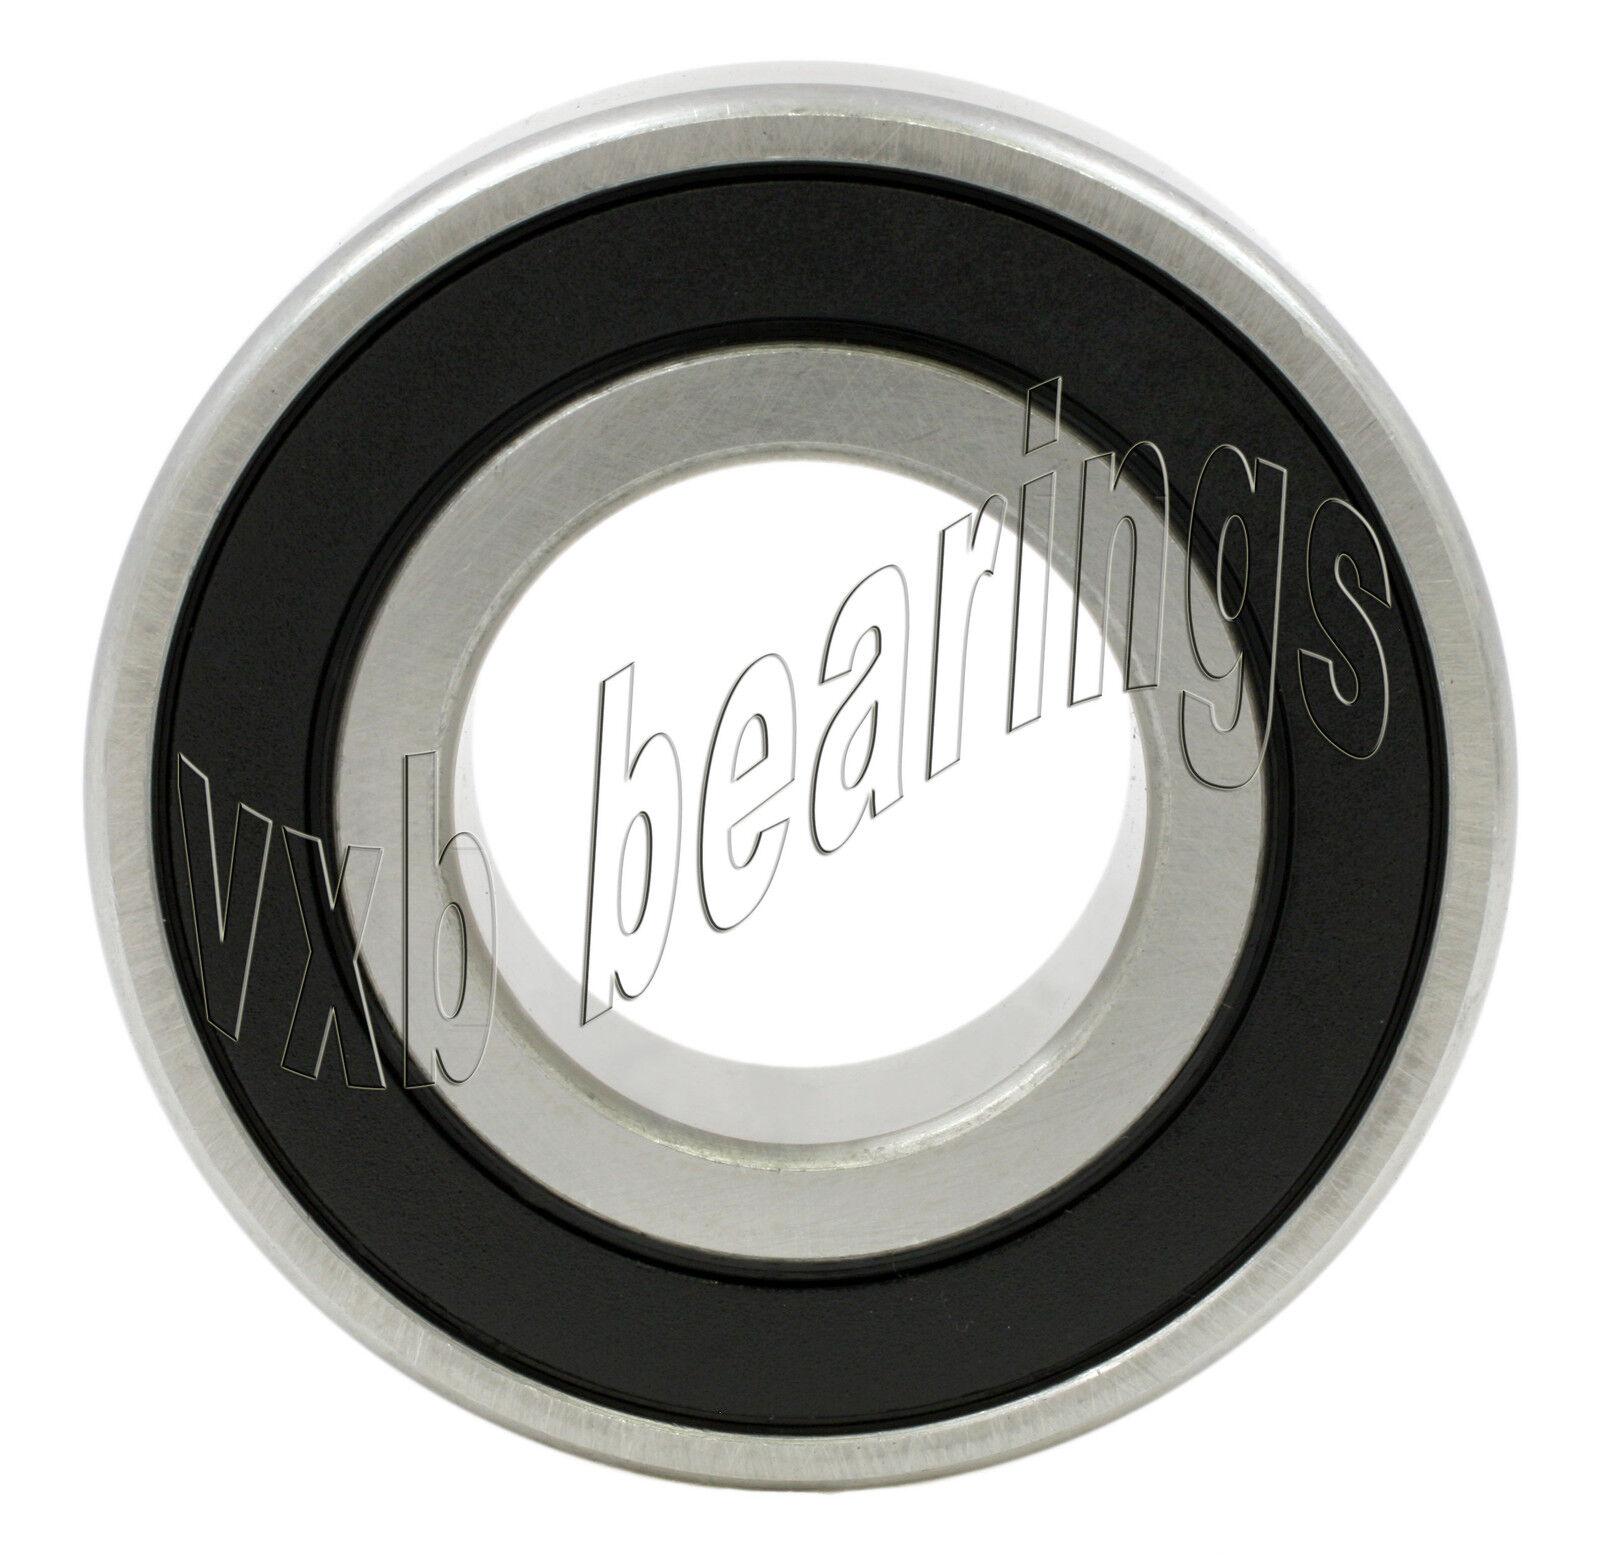 6201-2RS Bearing 12x32x10 Si3N4 Ceramic Stainless Premium ABEC-5